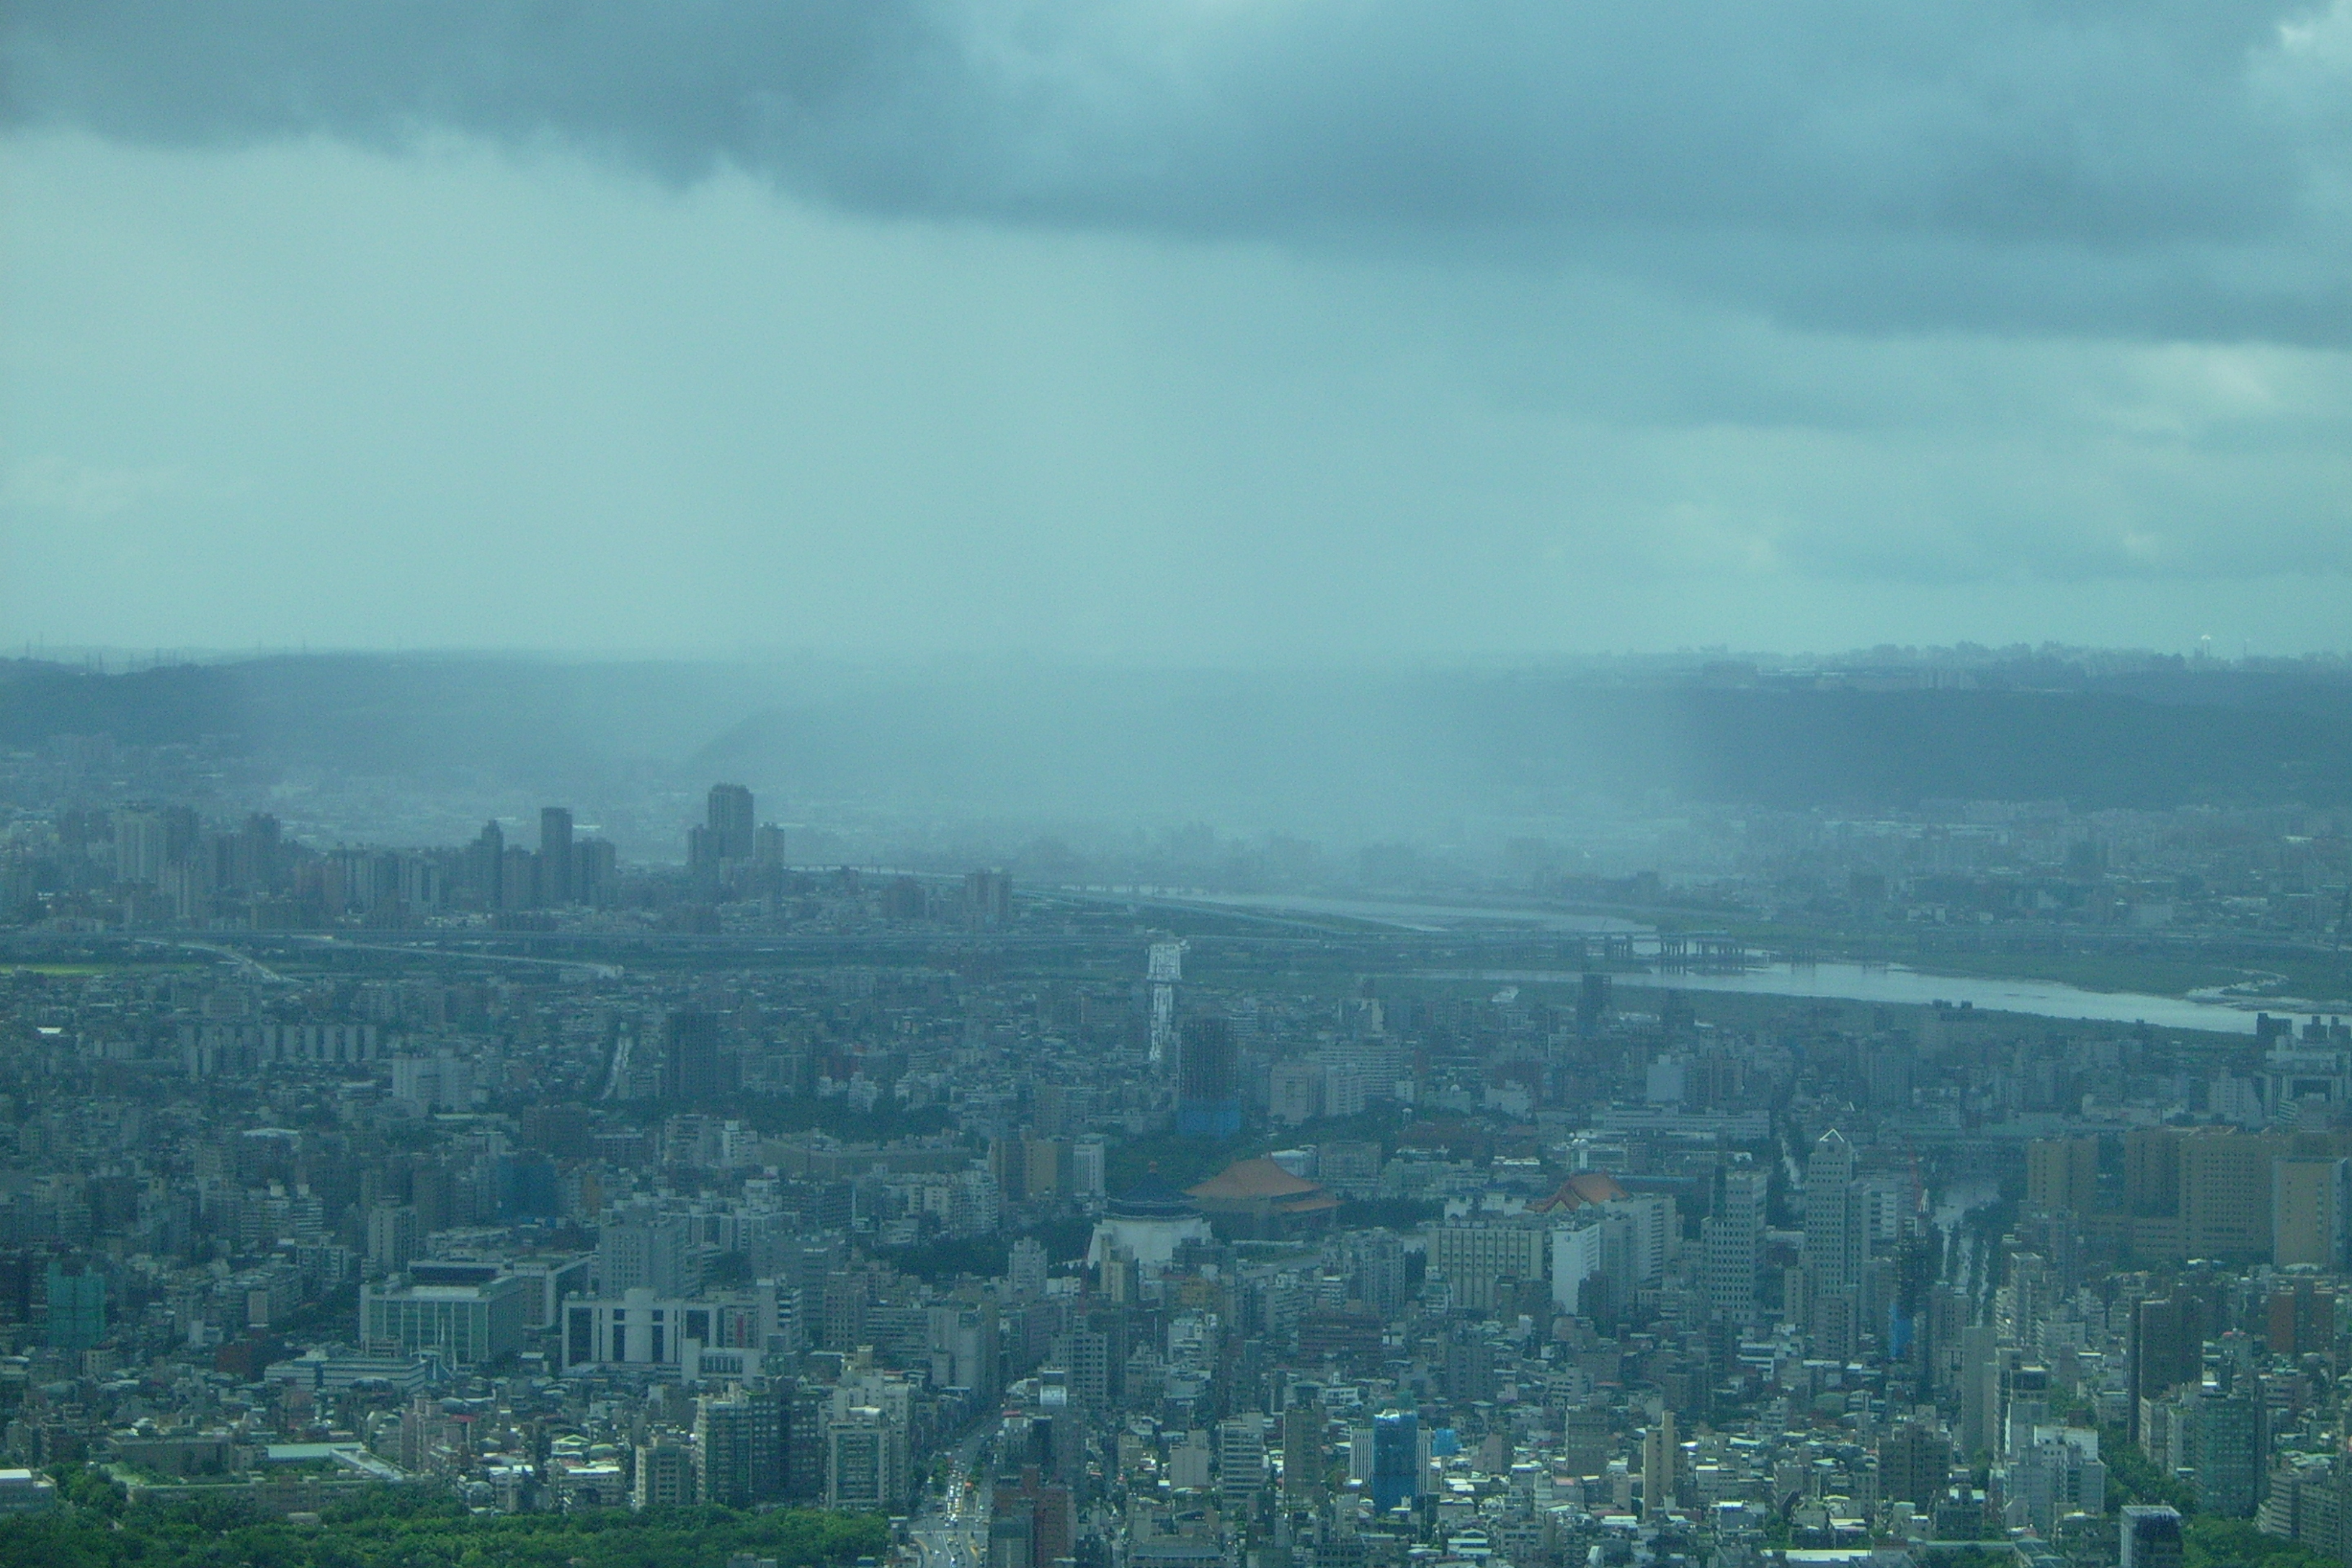 Foggy city photo